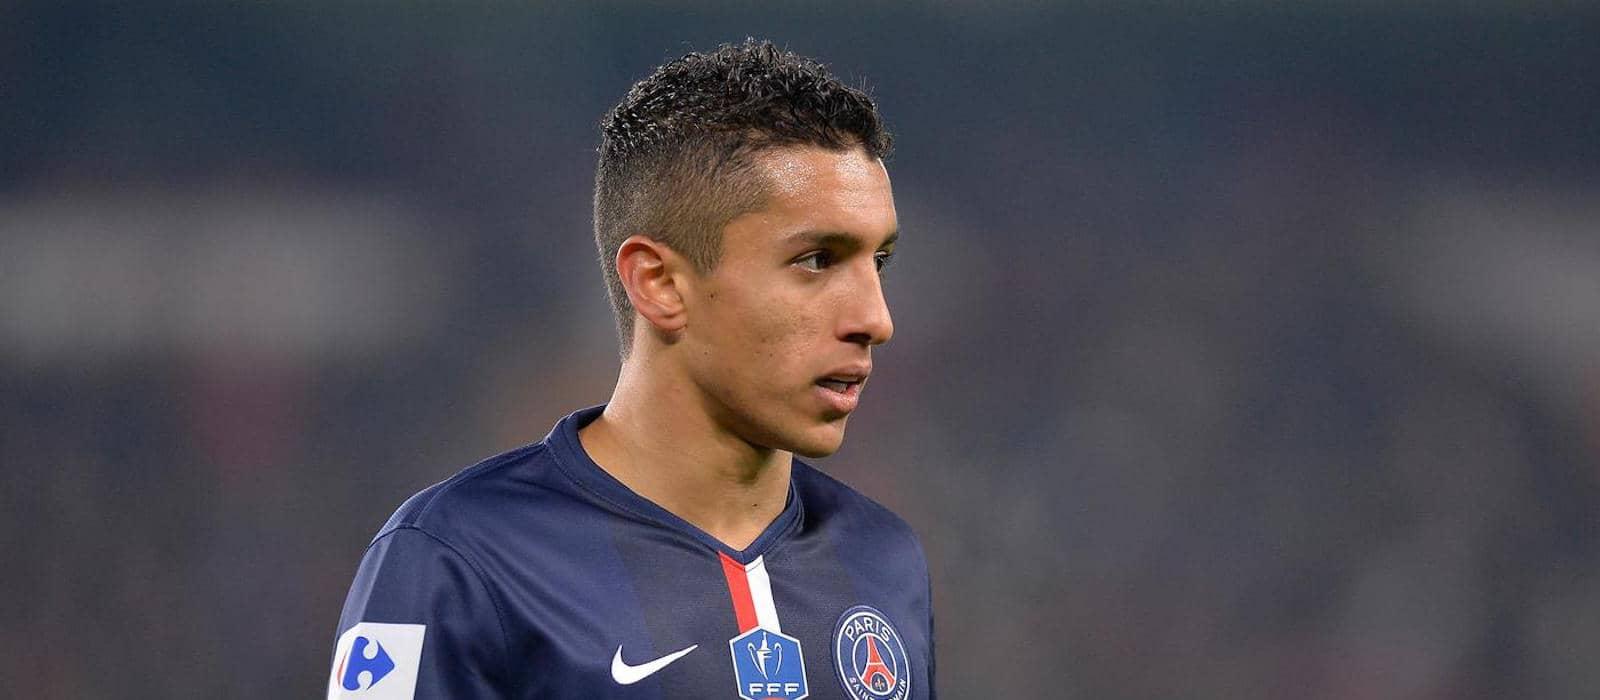 Manchester United considering Paris Saint-Germain defender Marquinhos – report